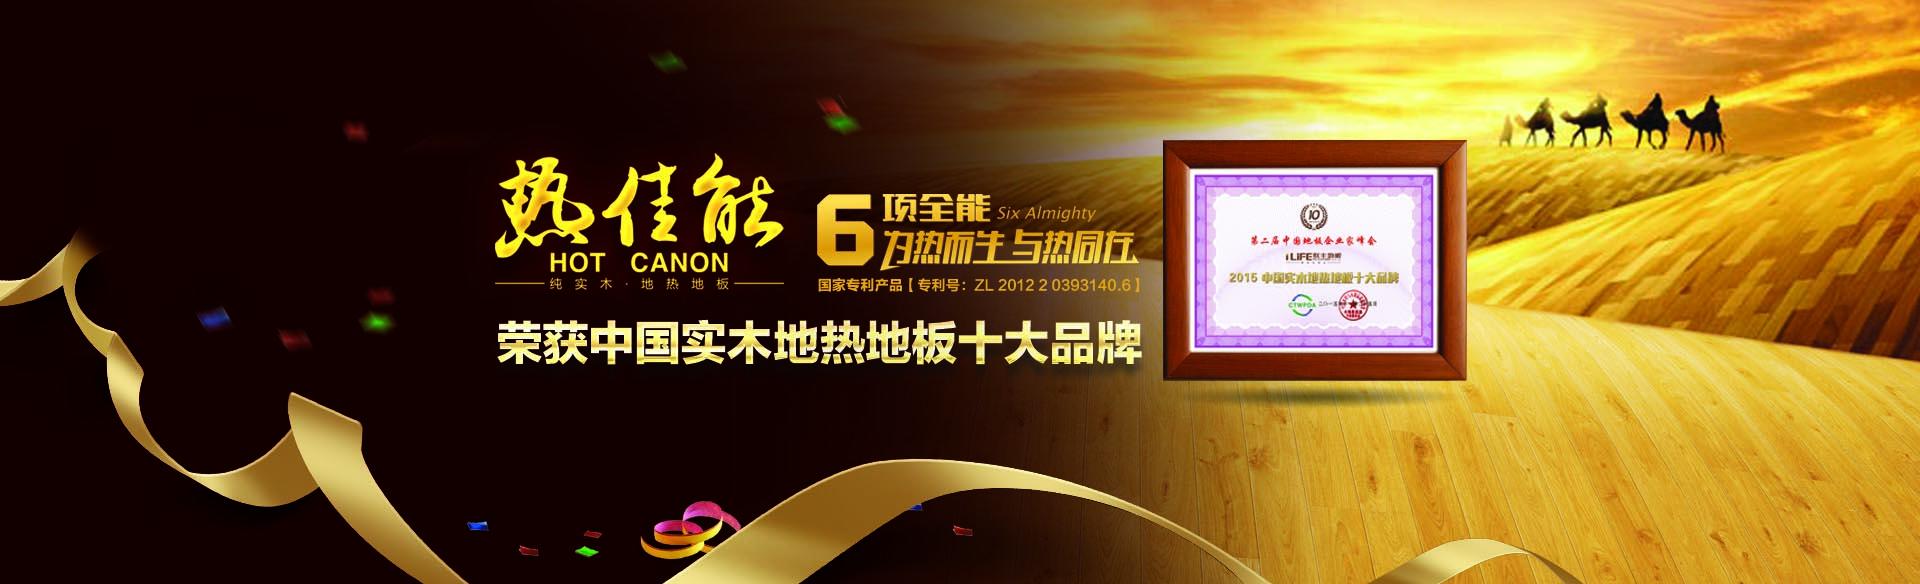 龙8娱乐注册,龙8娱乐老虎机,龙8国际娱乐_联丰地板:31周年钜惠—长沙站